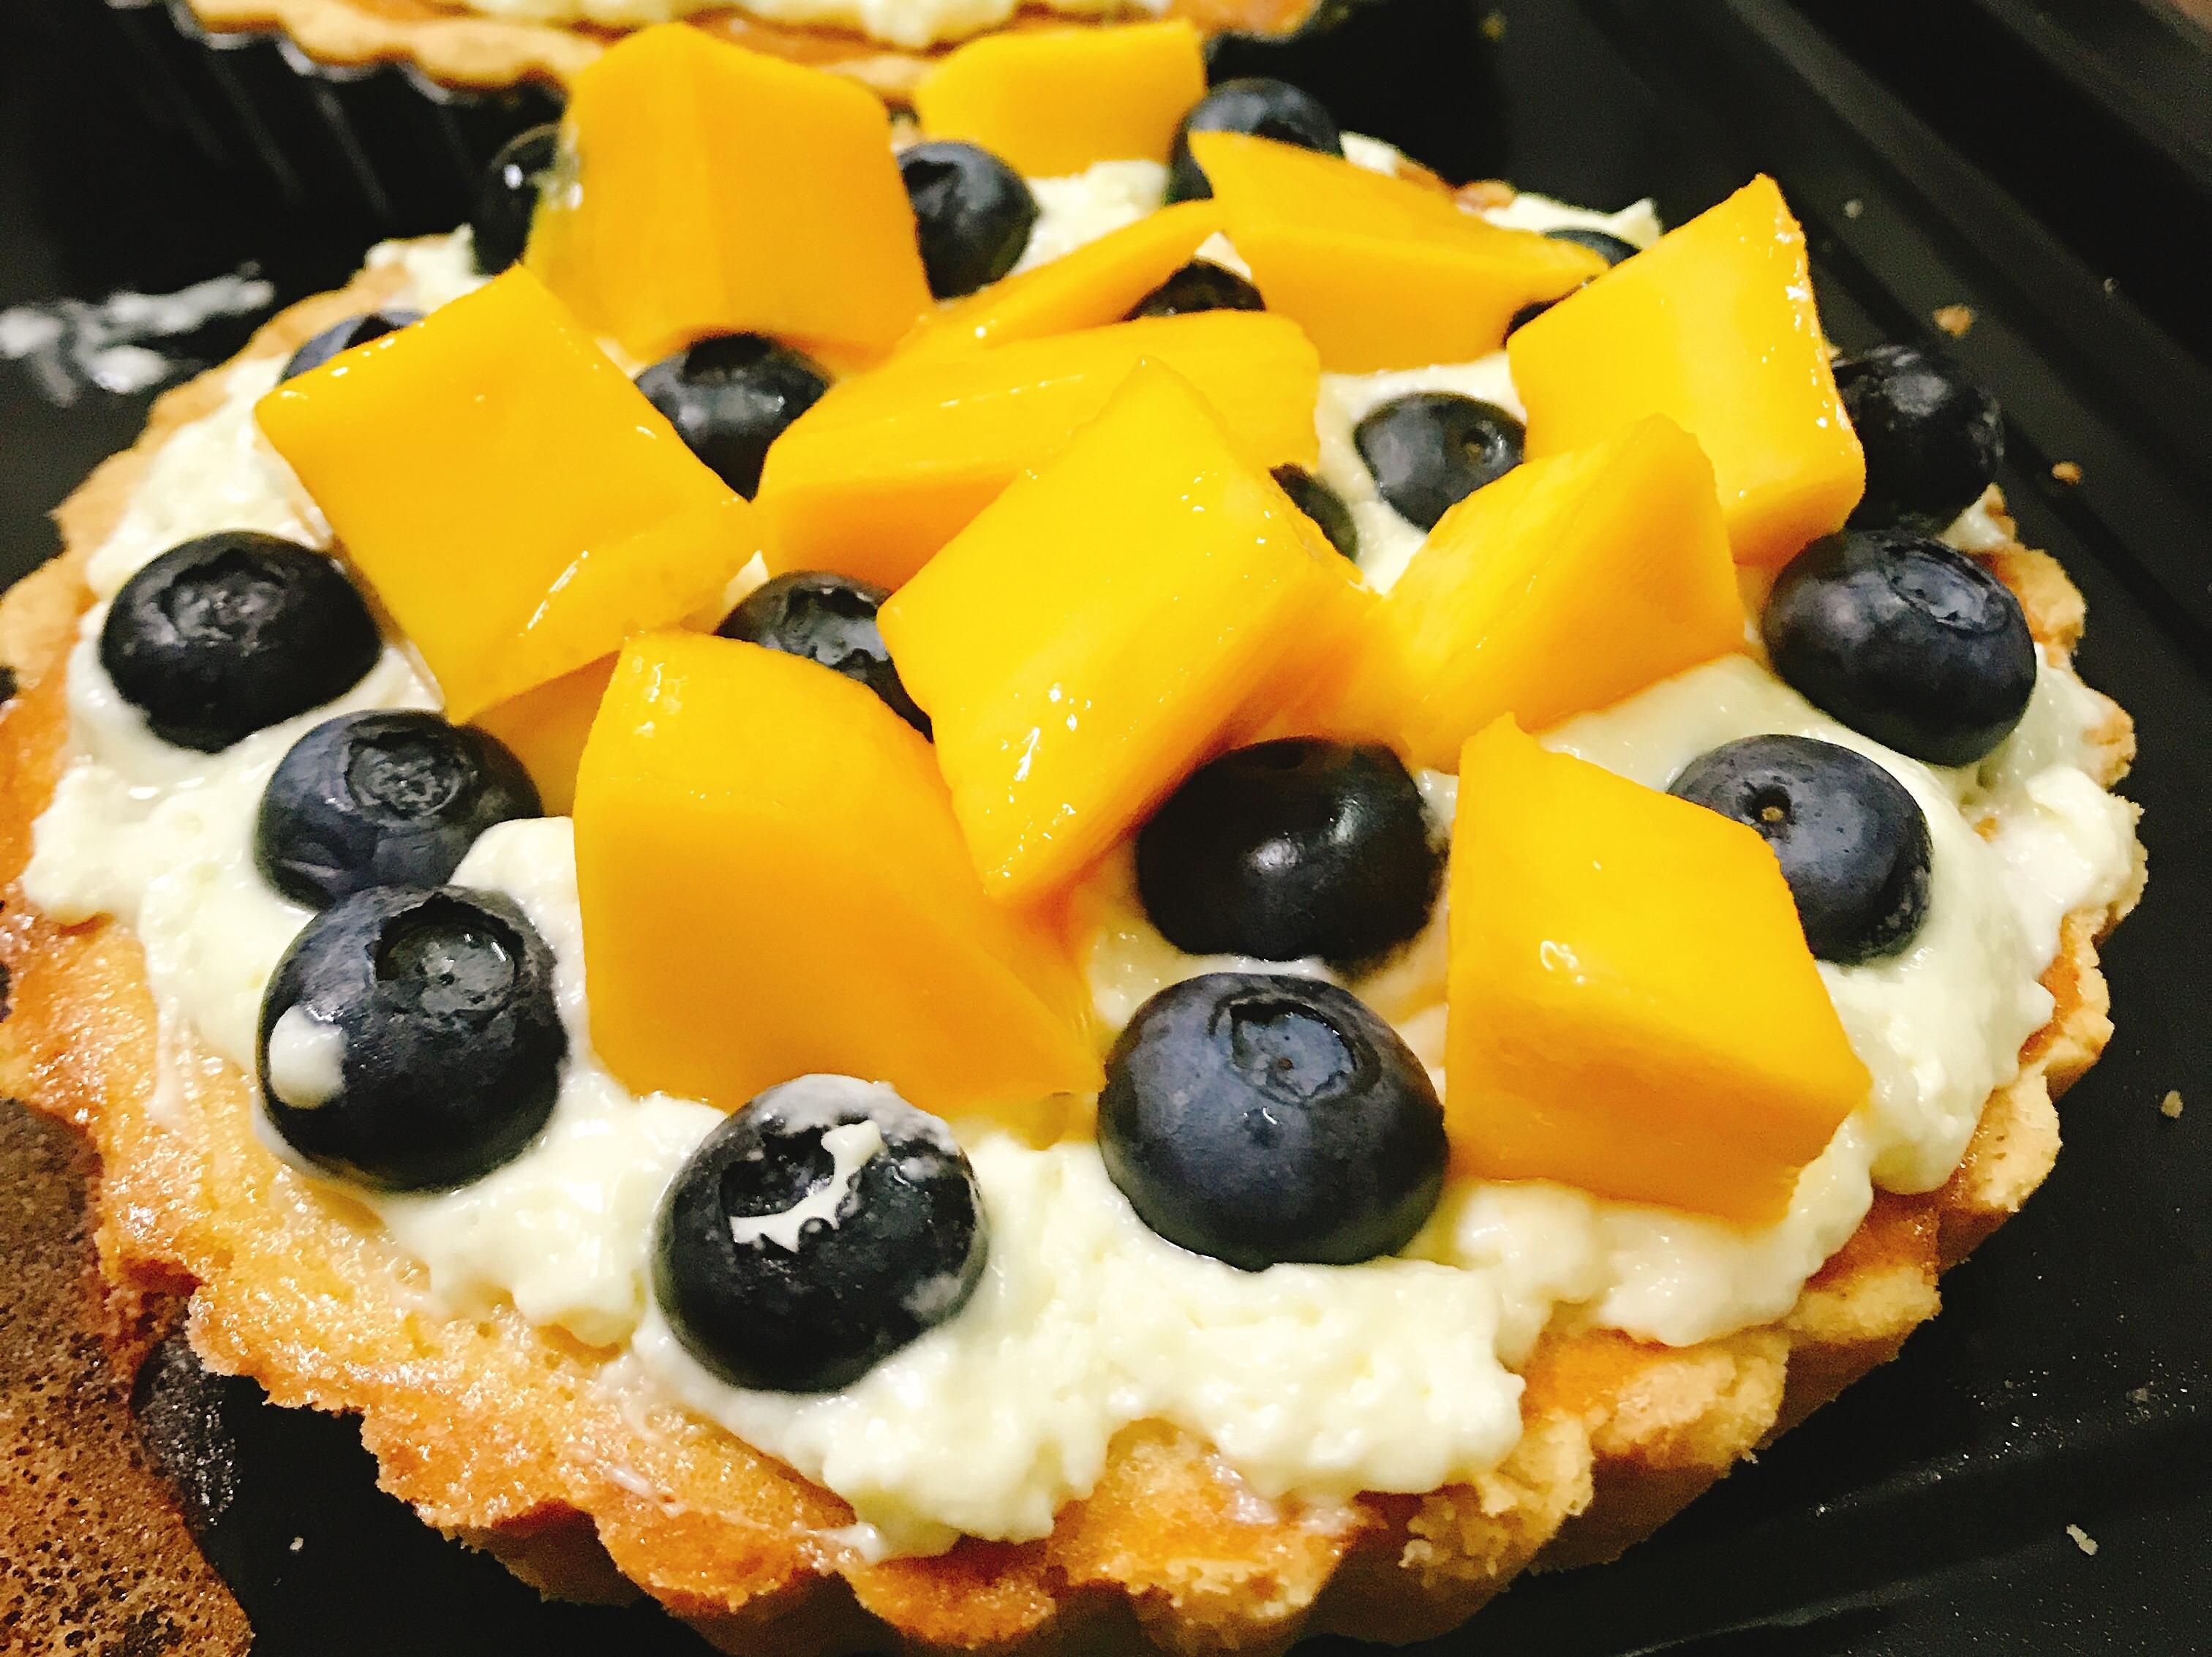 芒果藍莓乳酪塔